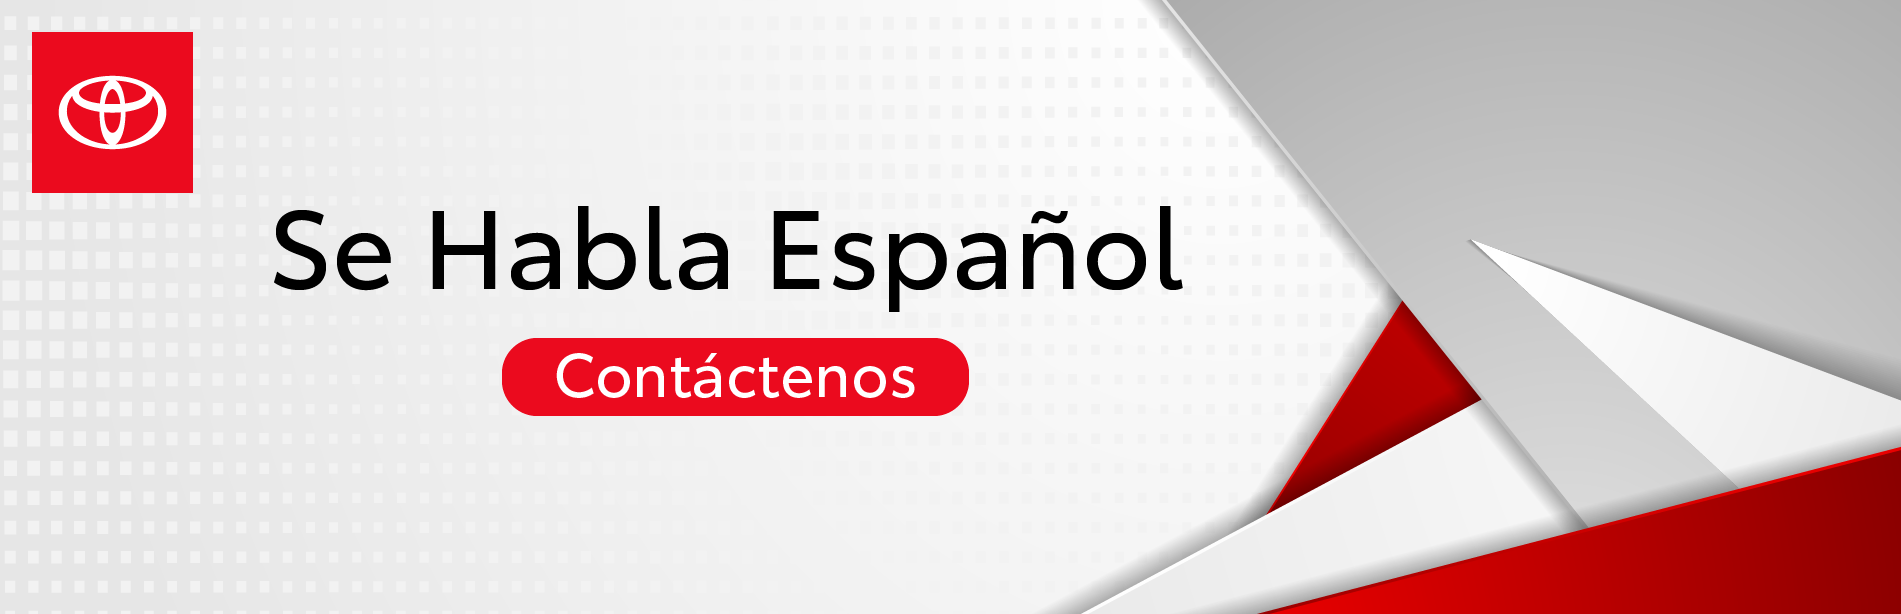 Plaza Spanish4x3